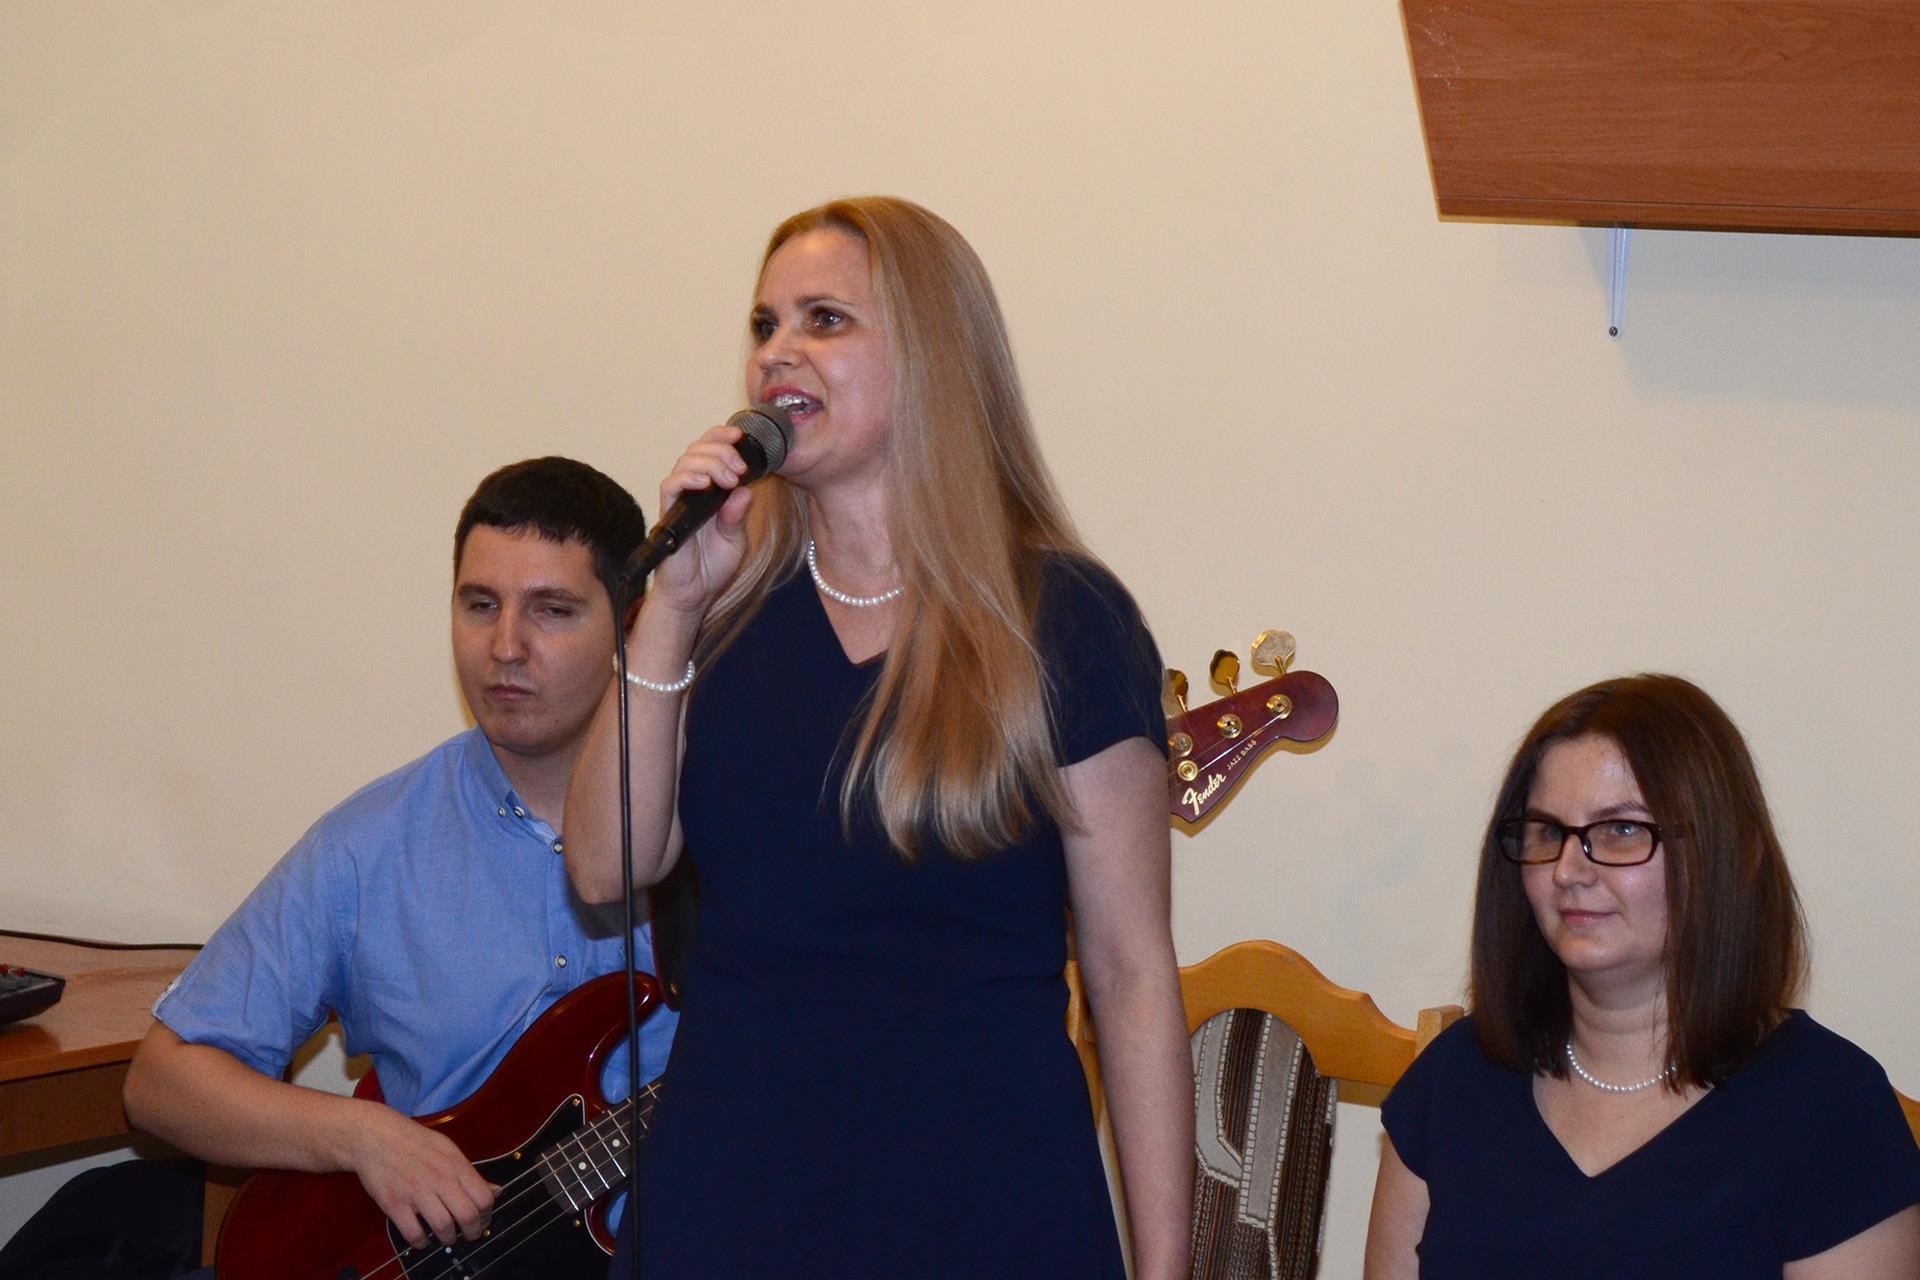 Kobieta śpiewa, po jej lewej stronie siedzi druga, a po prawej mężczyzna gra na gitarze basowej.